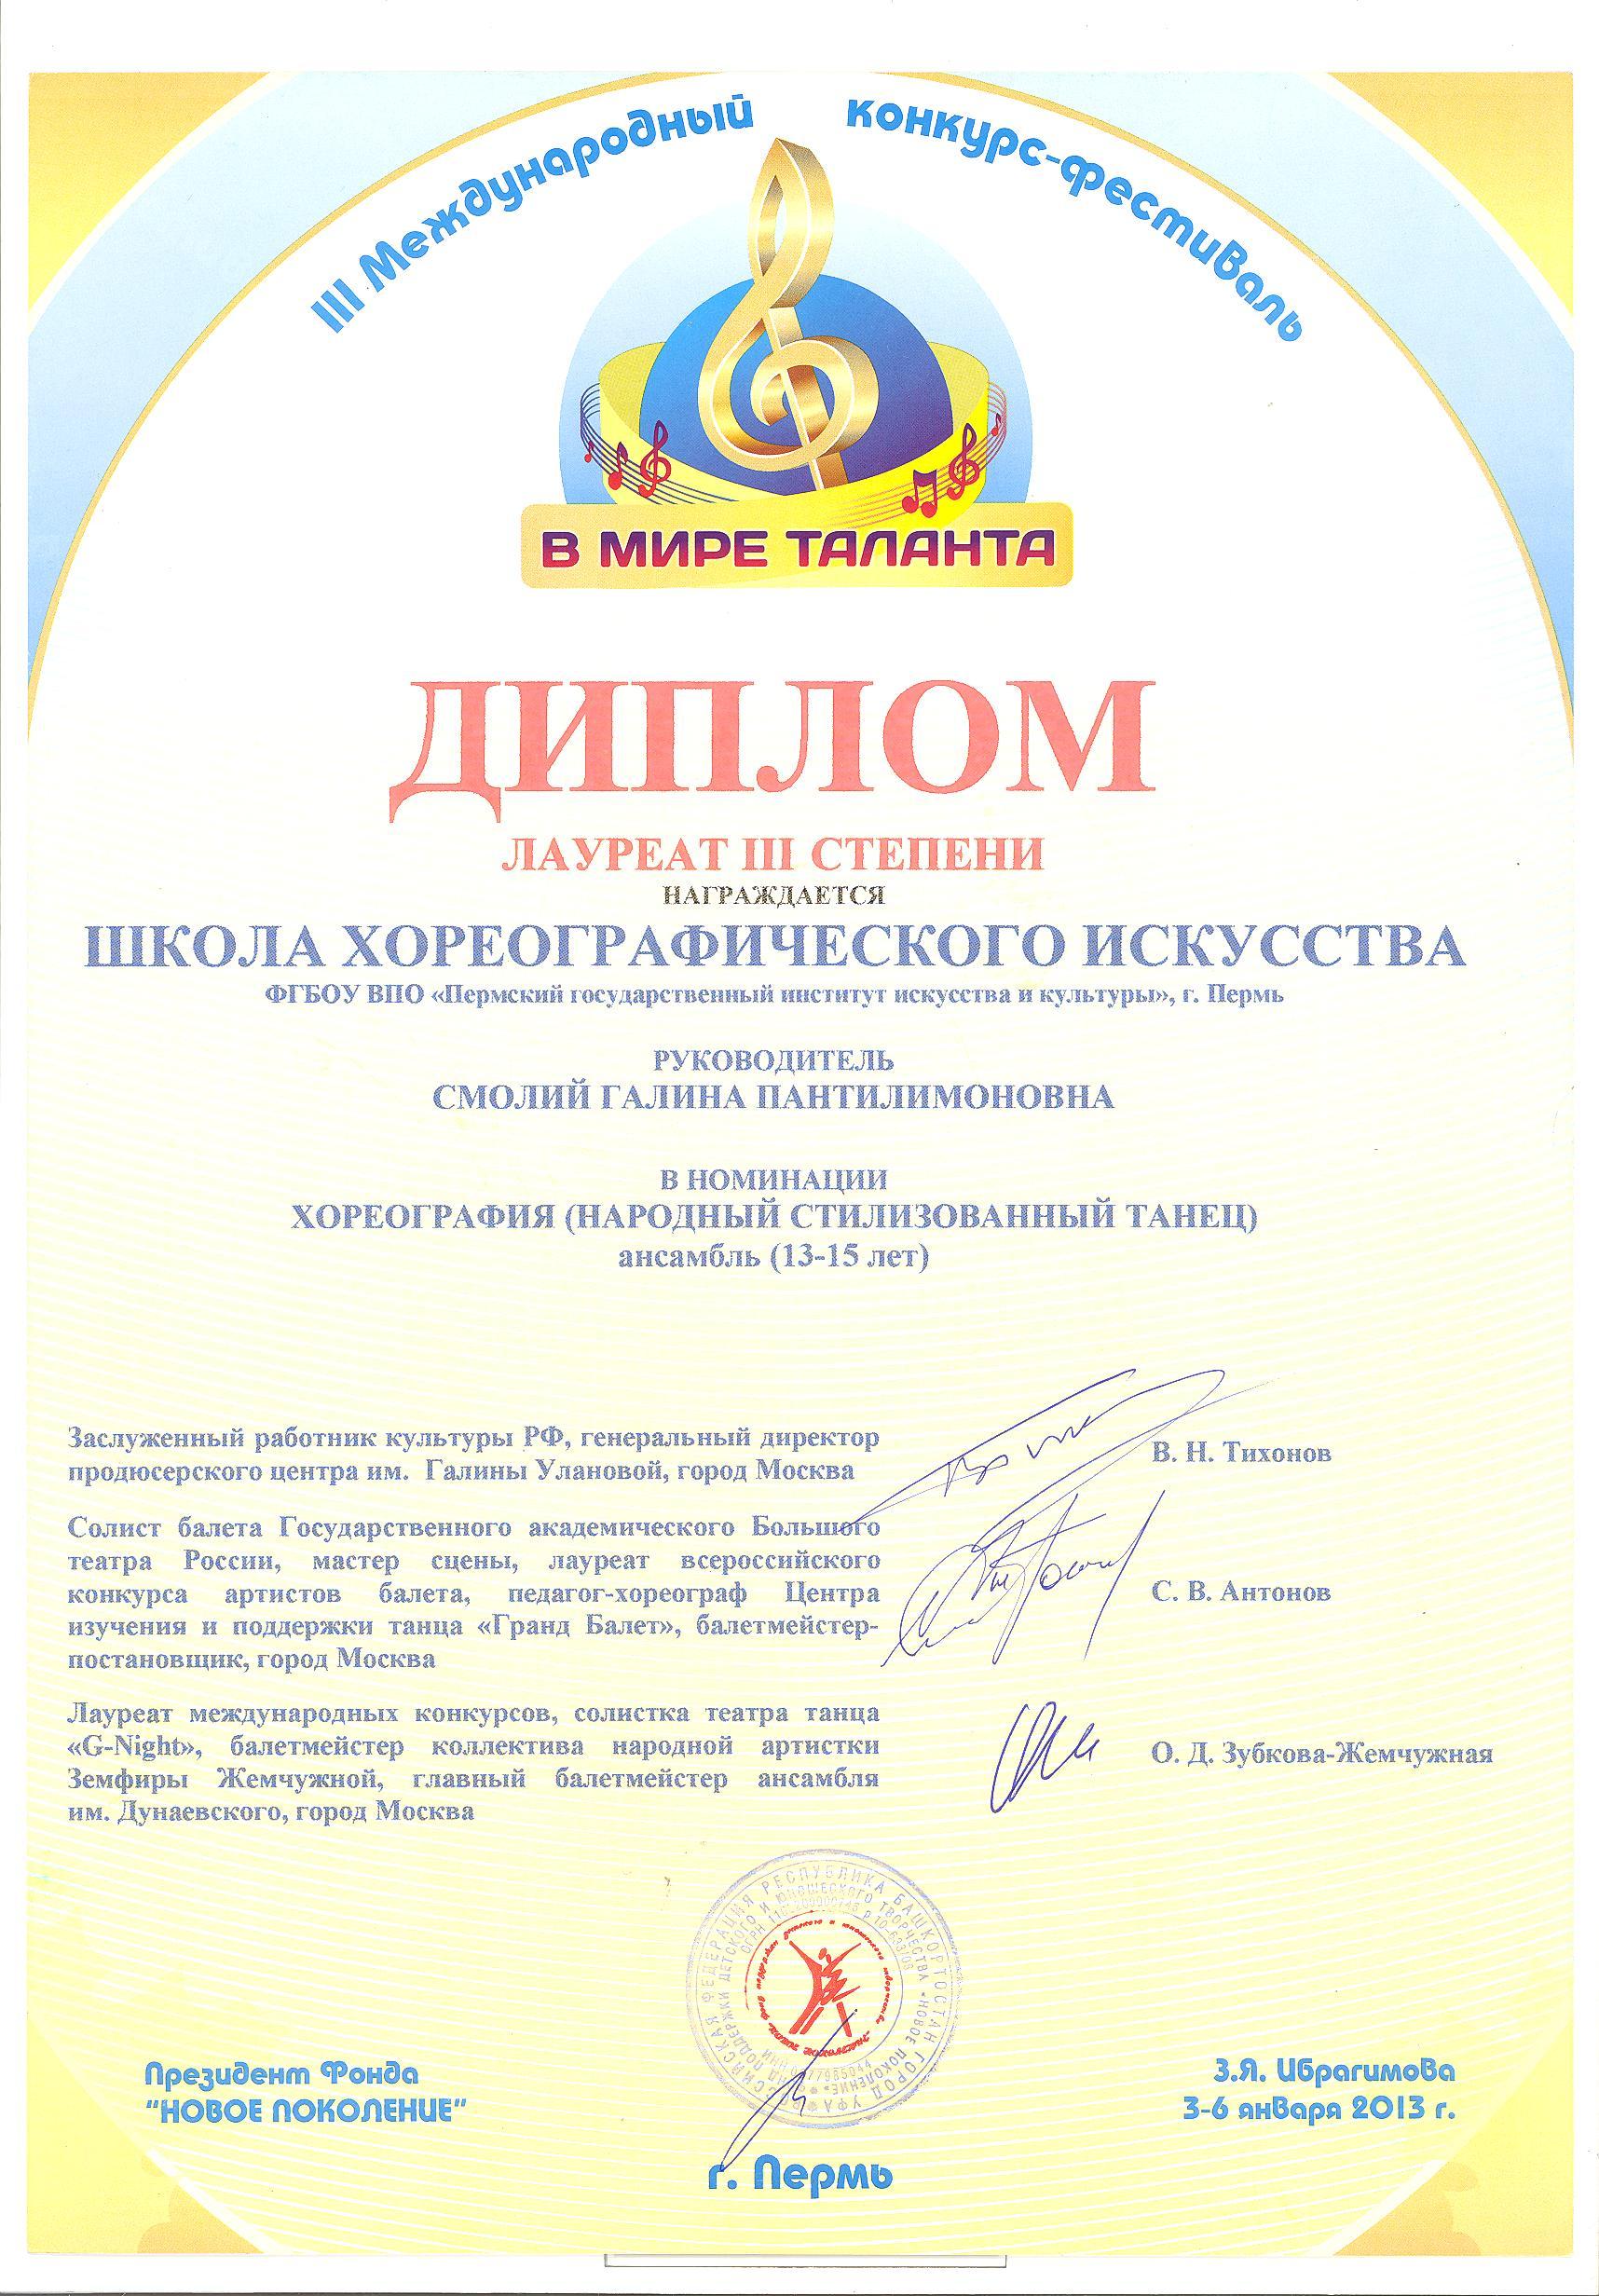 Дипломы - 2013г. 017.jpg